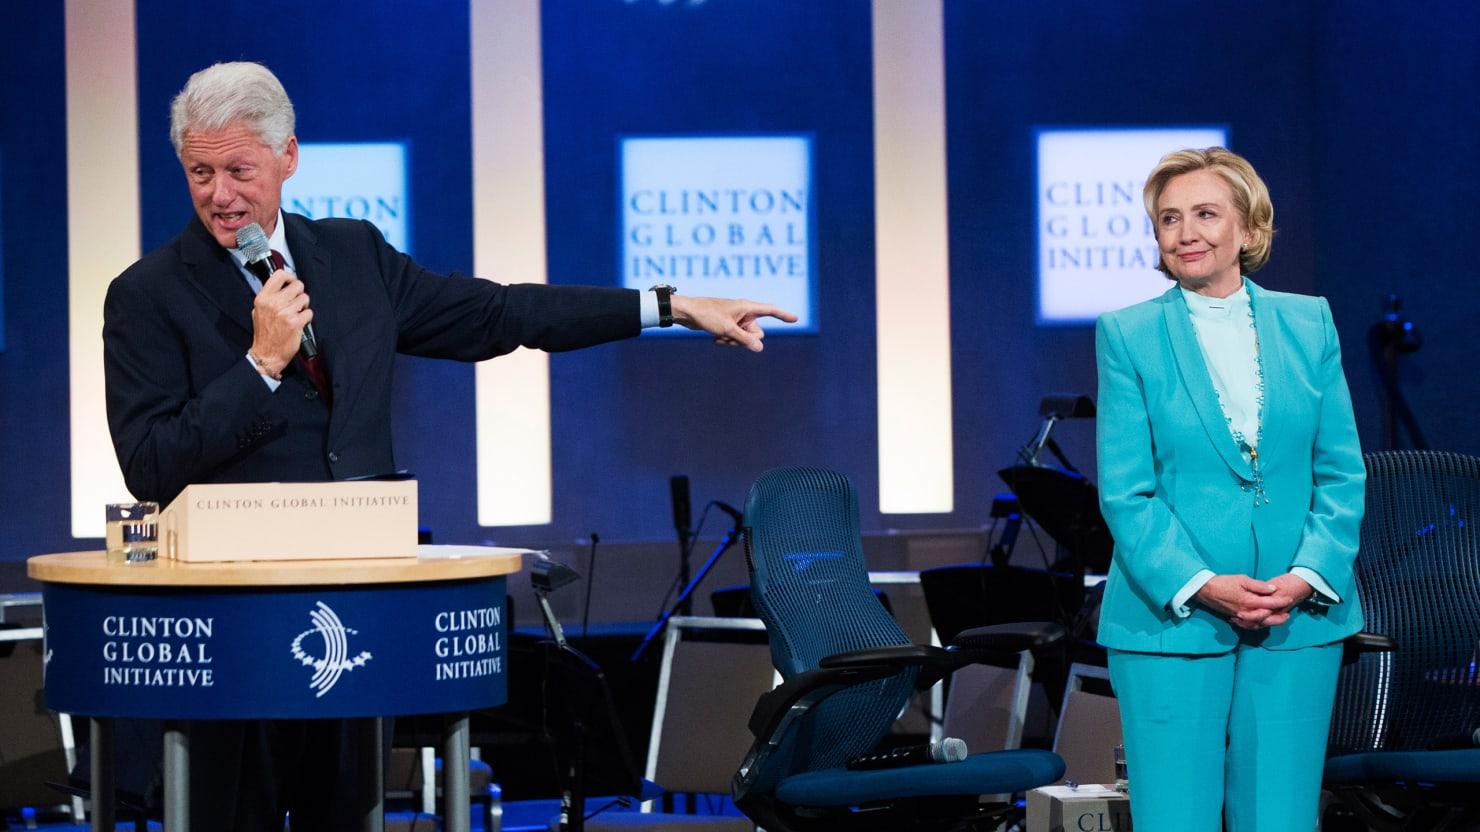 How Team Clinton Shut Down the CNN and NBC Hillary Shows